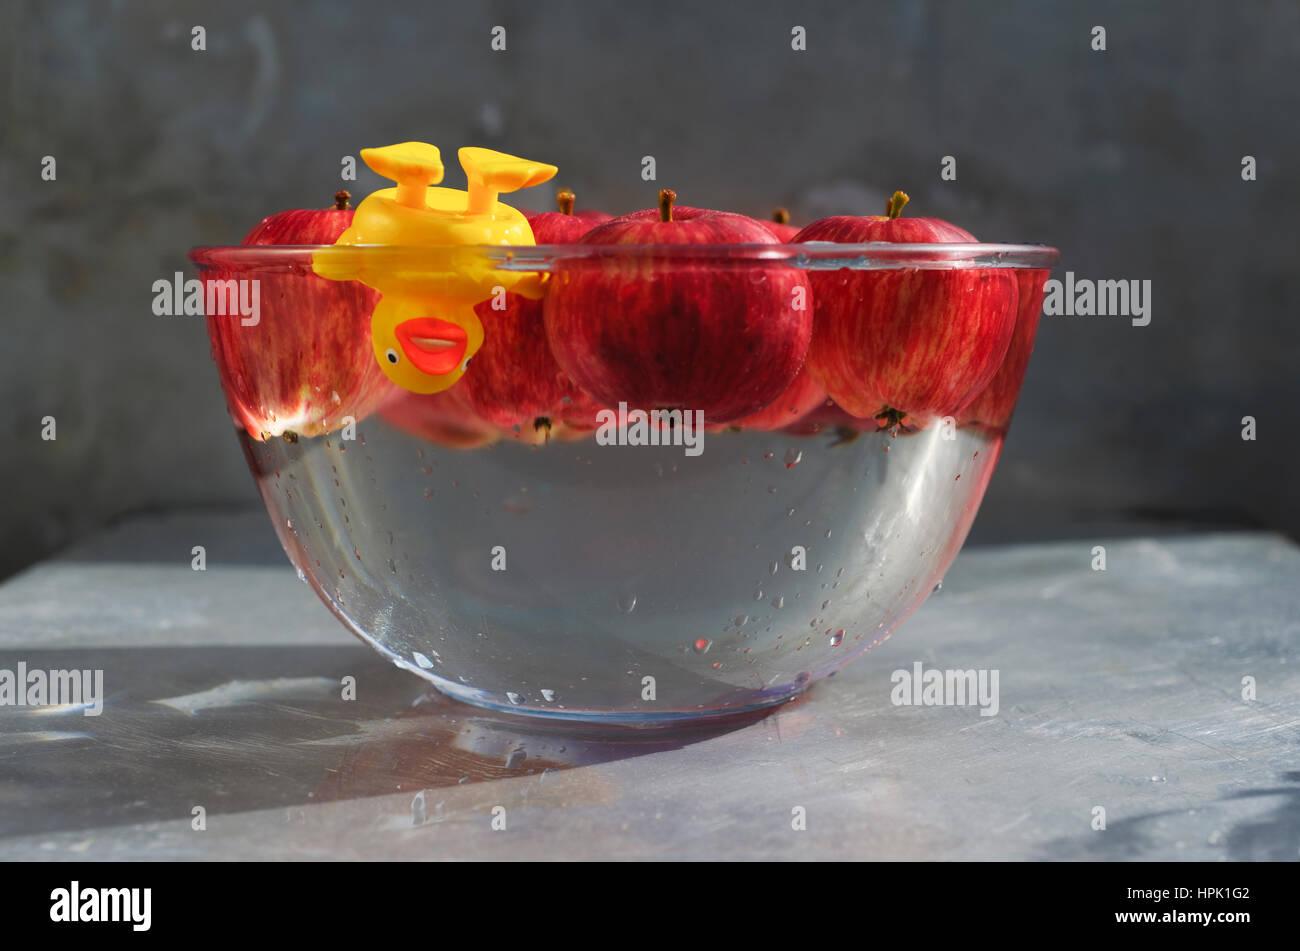 Ducking para las manzanas. Pato de plástico amarillo disfrutando de un buen zambullirse en un tazón de Imagen De Stock